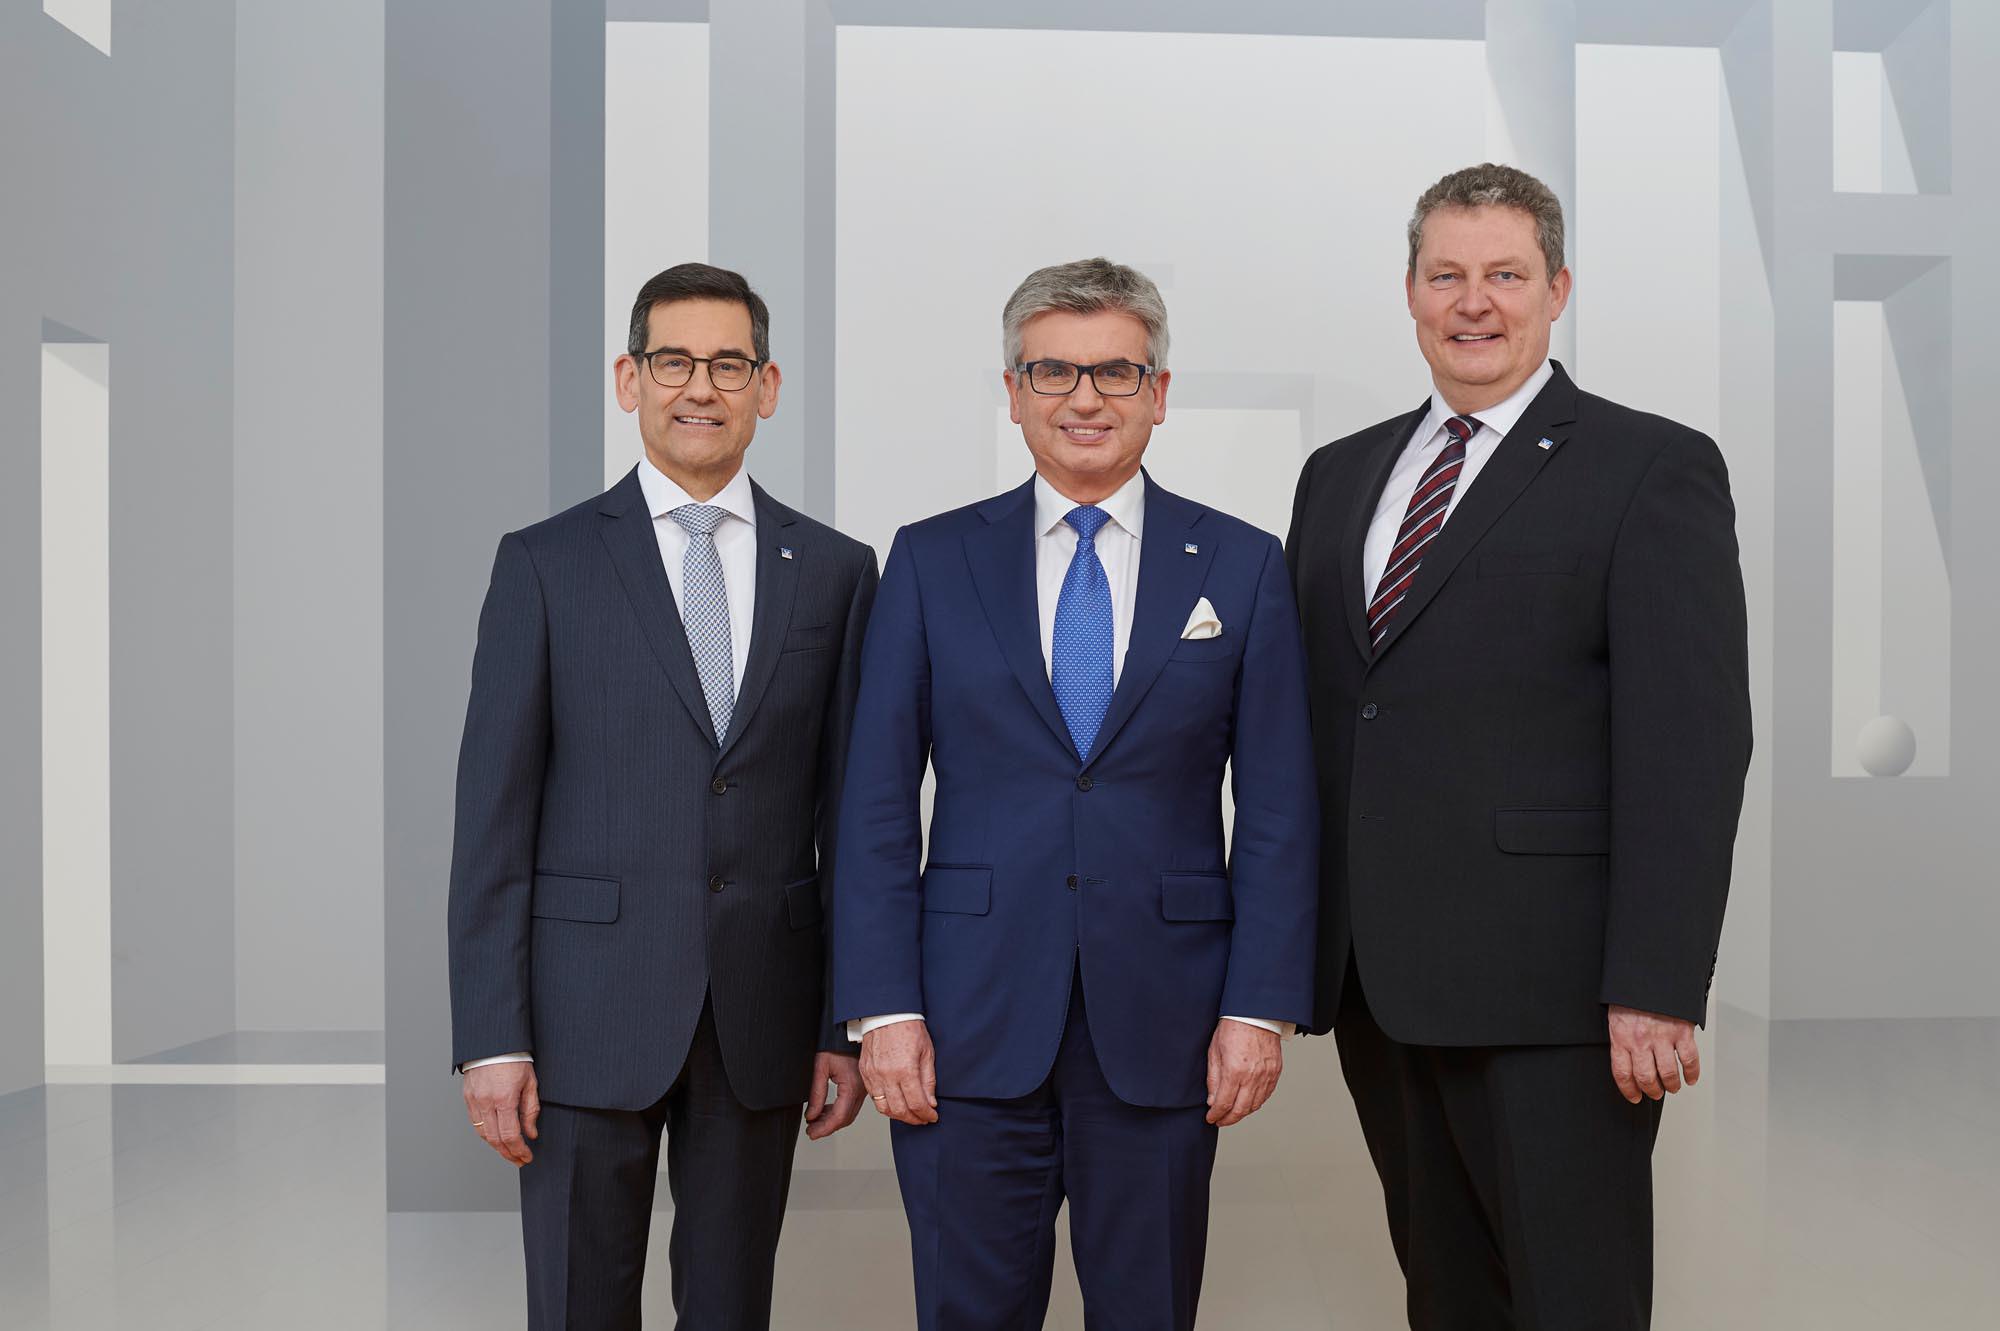 OPP 170207 0561 - Volksbank Stuttgart: Aufsichtsrat und Vorstände